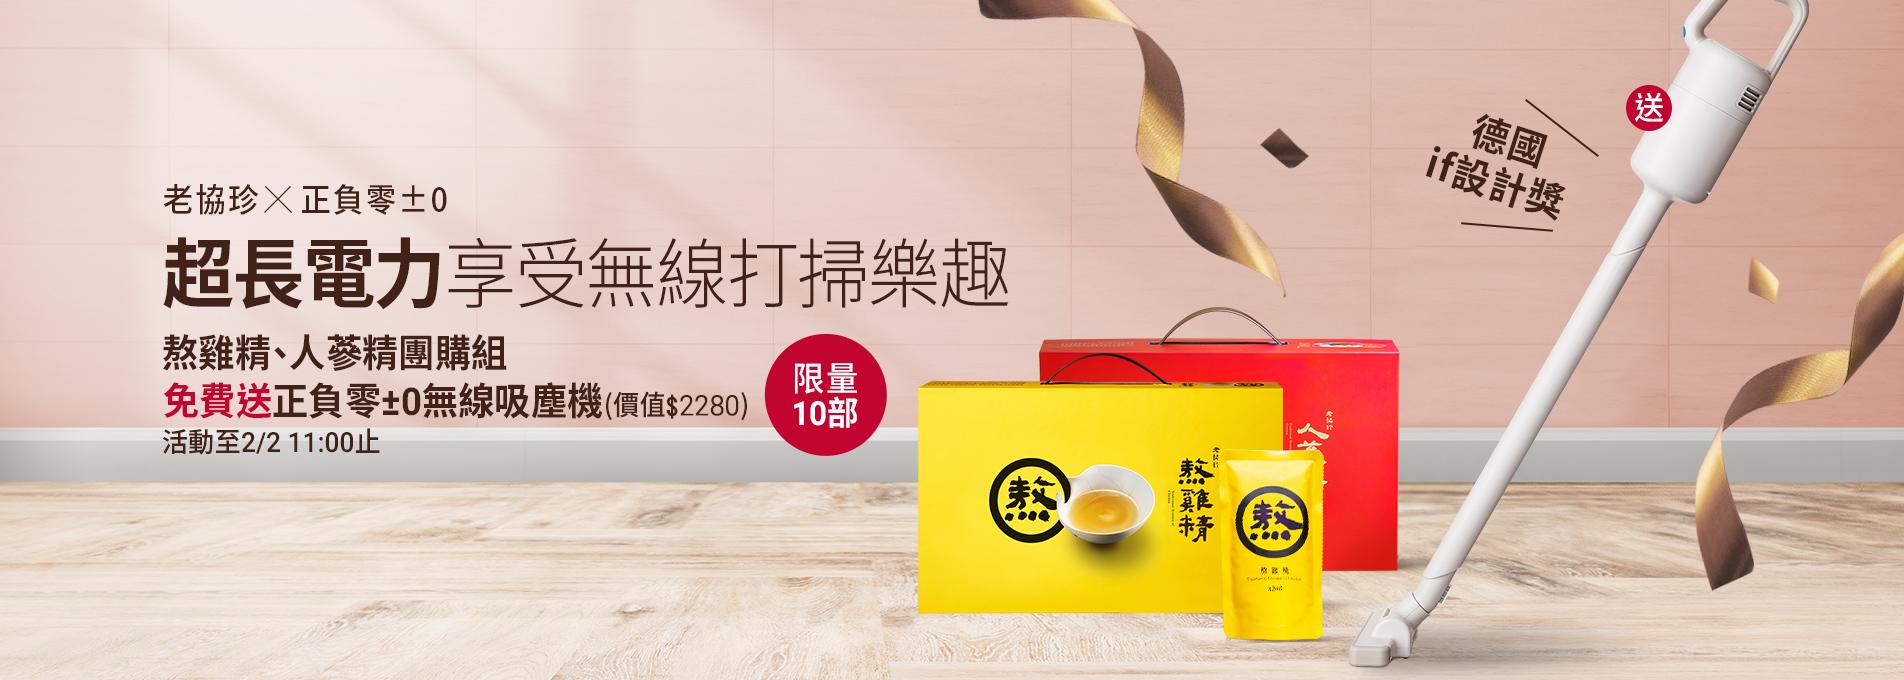 【新春限定】人蔘精禮盒 麥蘆卡蜂蜜口味(14入)10盒組